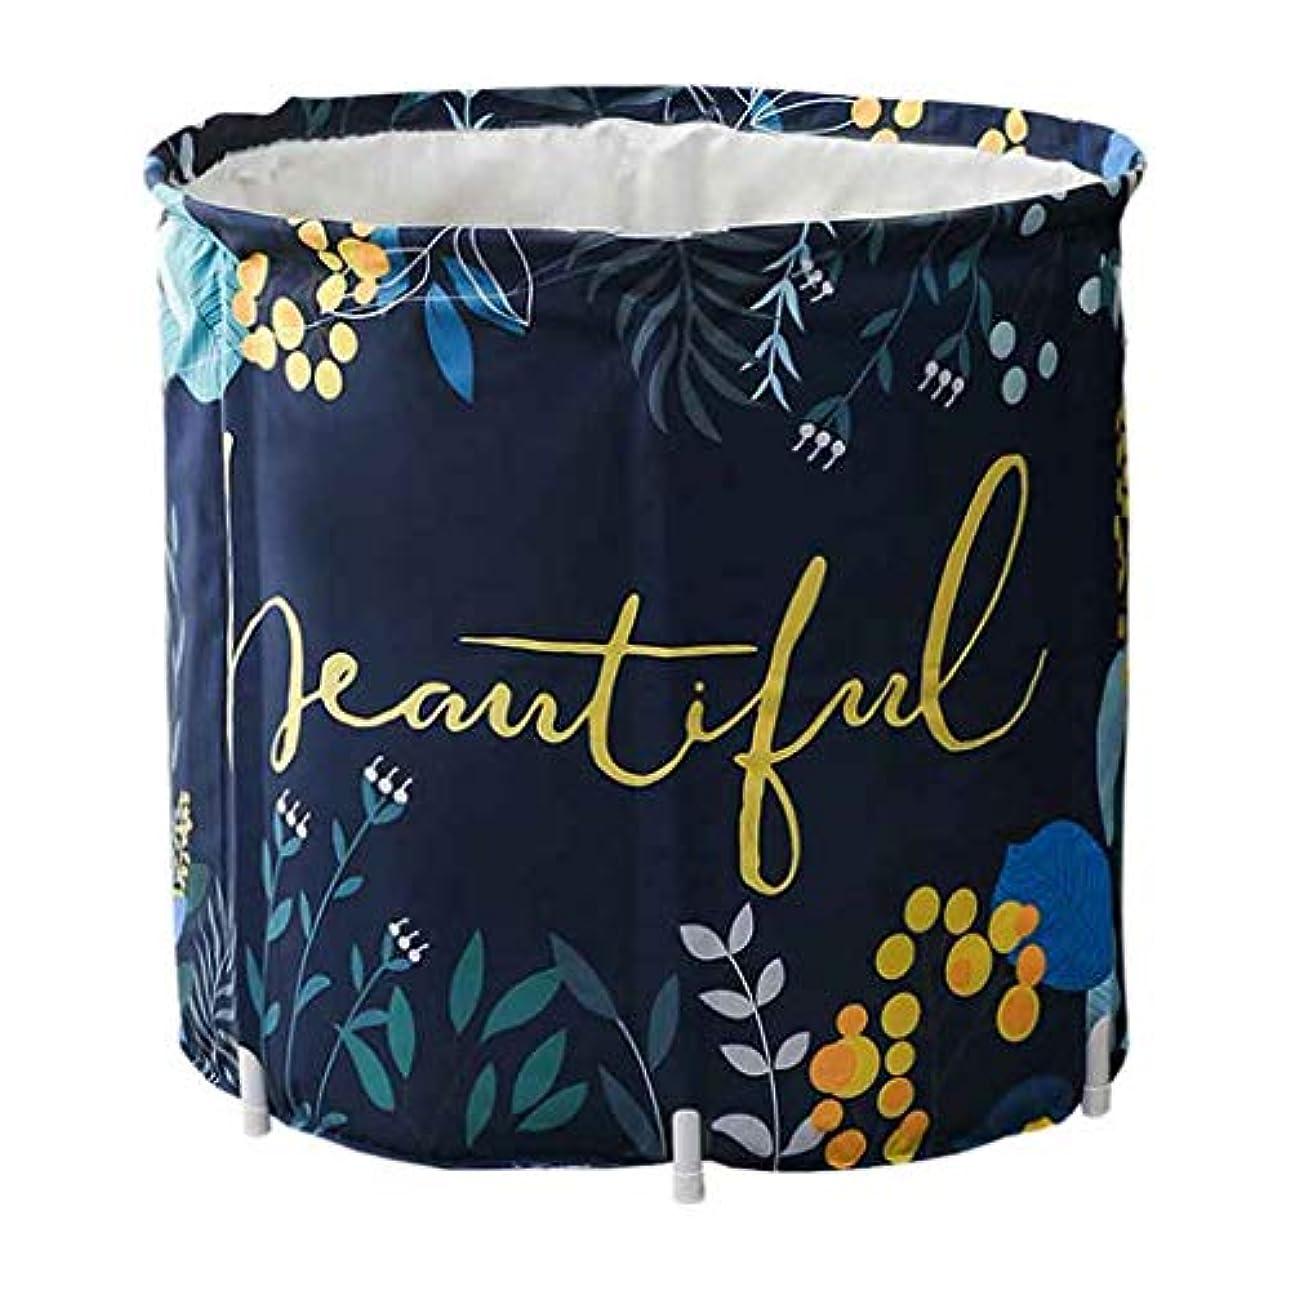 変換染料思春期の青い葉折り畳み浴槽は成人、子供、プラスチック浴槽に厚泡綿とPVC生地、防水ナイロン生地、ステンレス地の排水孔が漏れて、紺色の自然と清新な風格がある (Size : A)